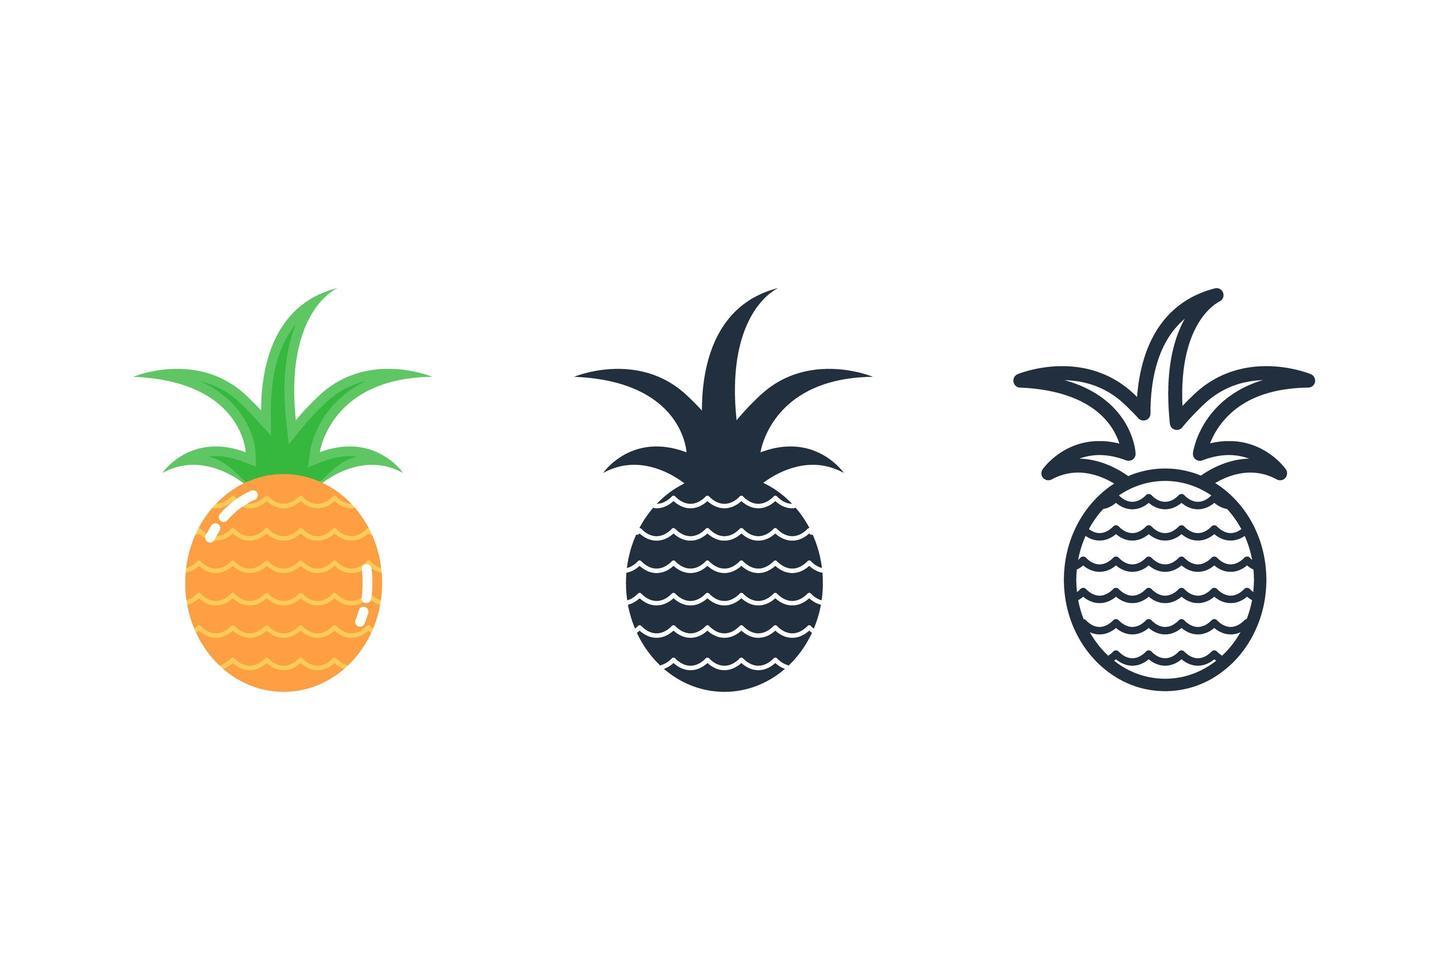 ícone de abacaxi, conjunto de ícones de frutas vetor